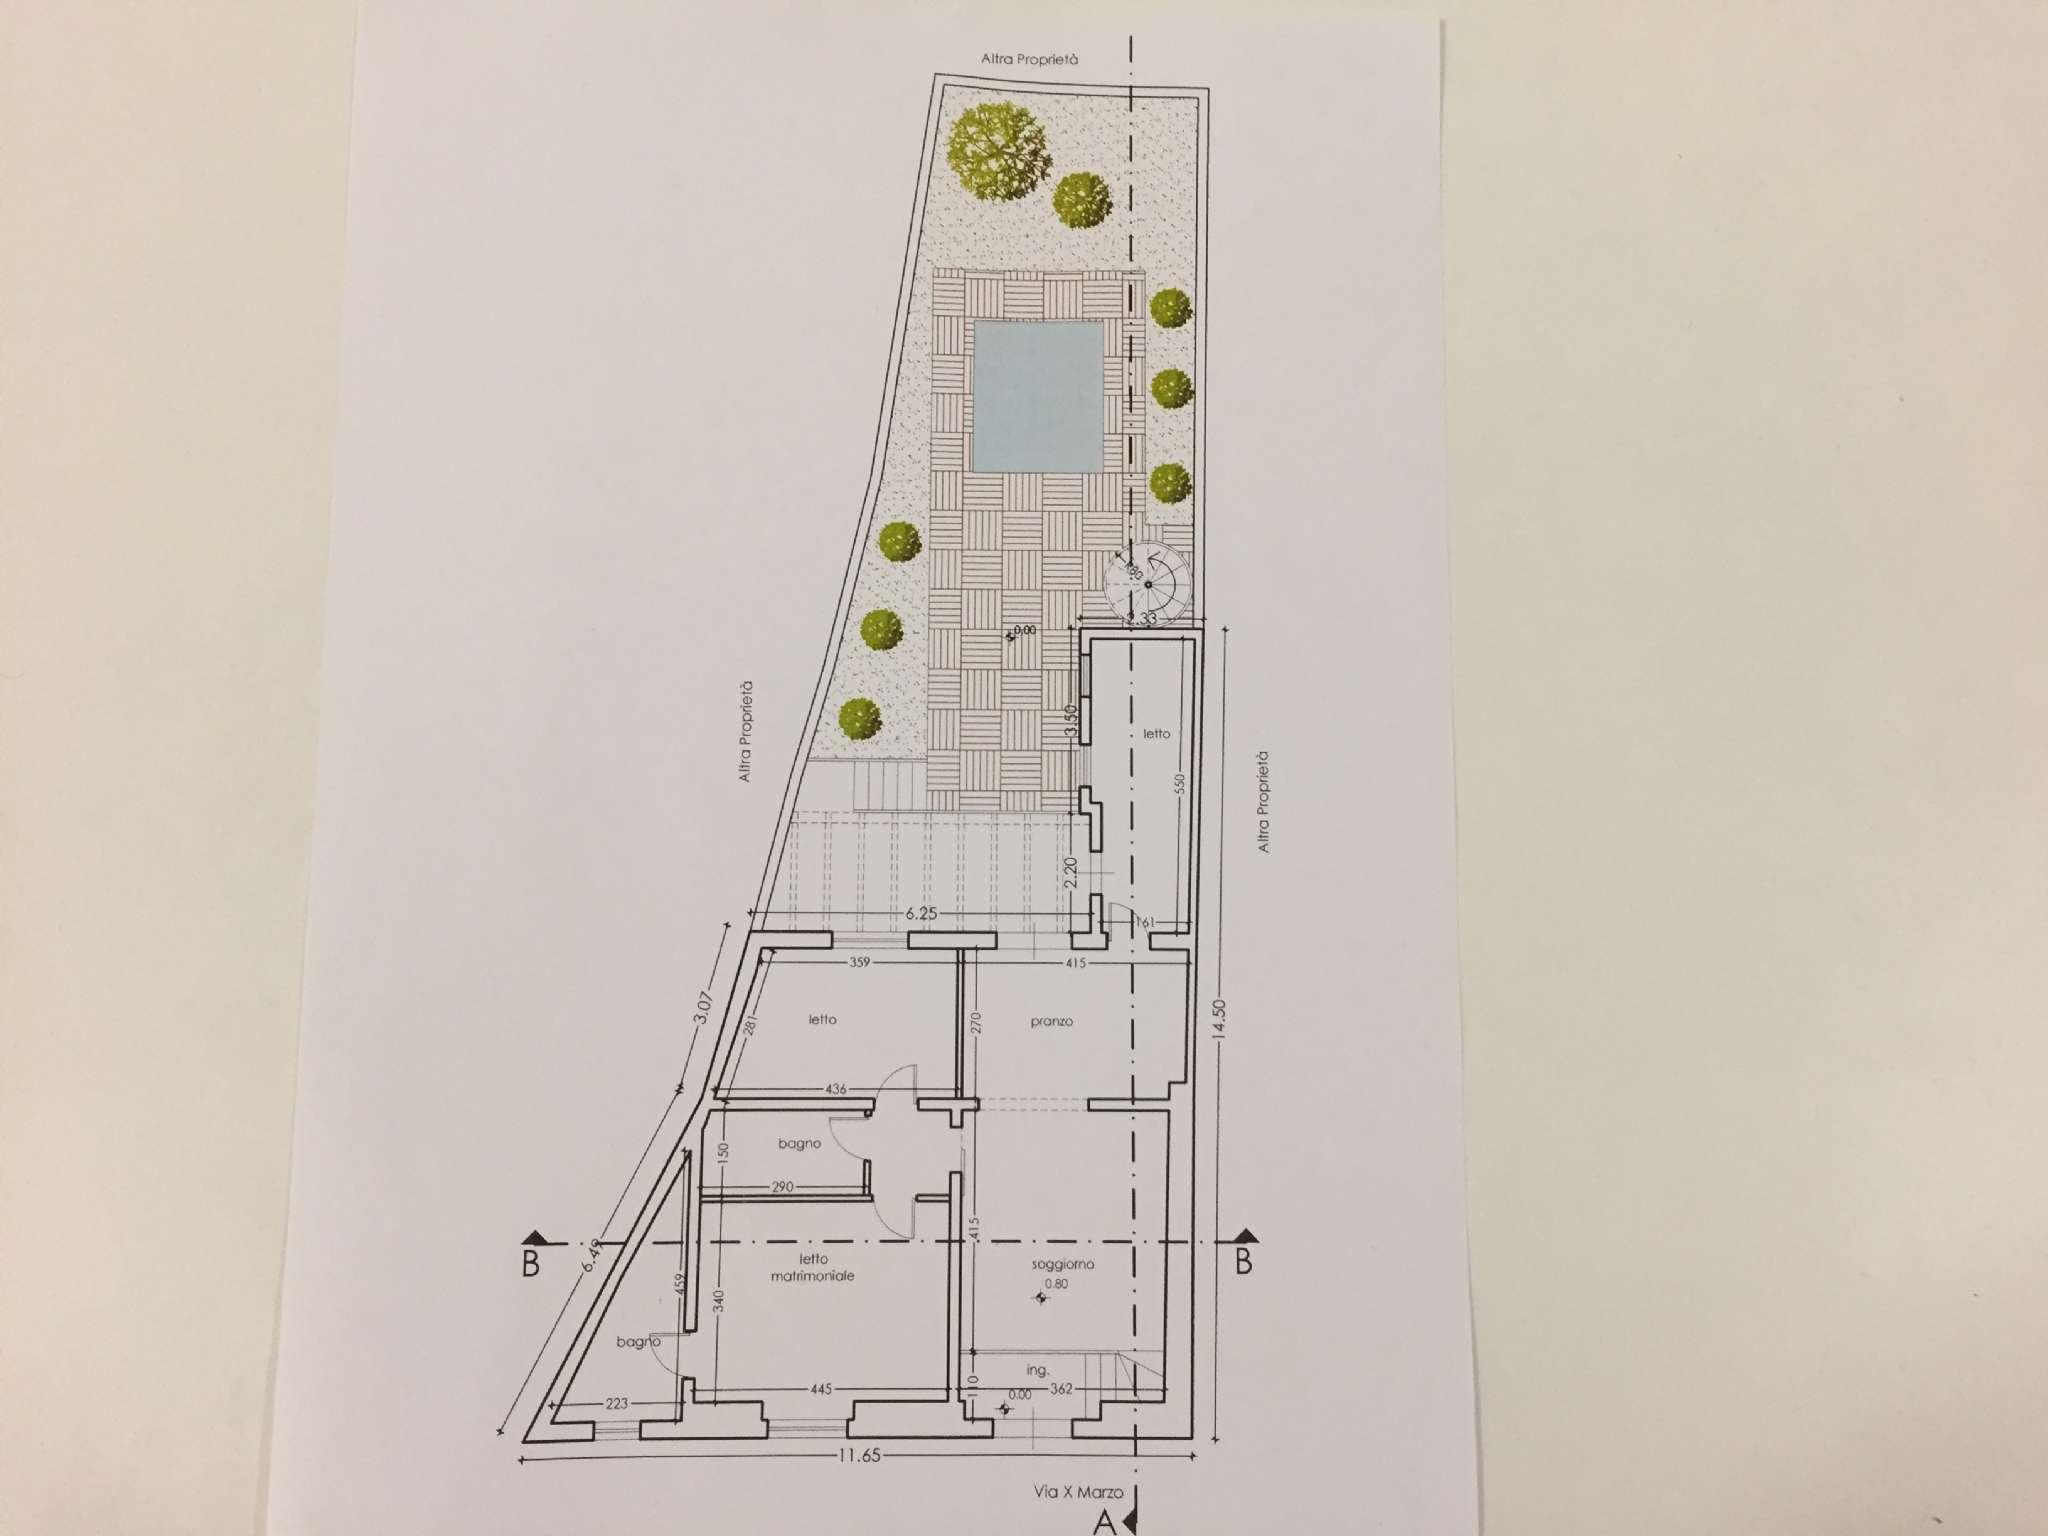 Soluzione Indipendente in vendita a Modugno, 4 locali, prezzo € 290.000 | CambioCasa.it